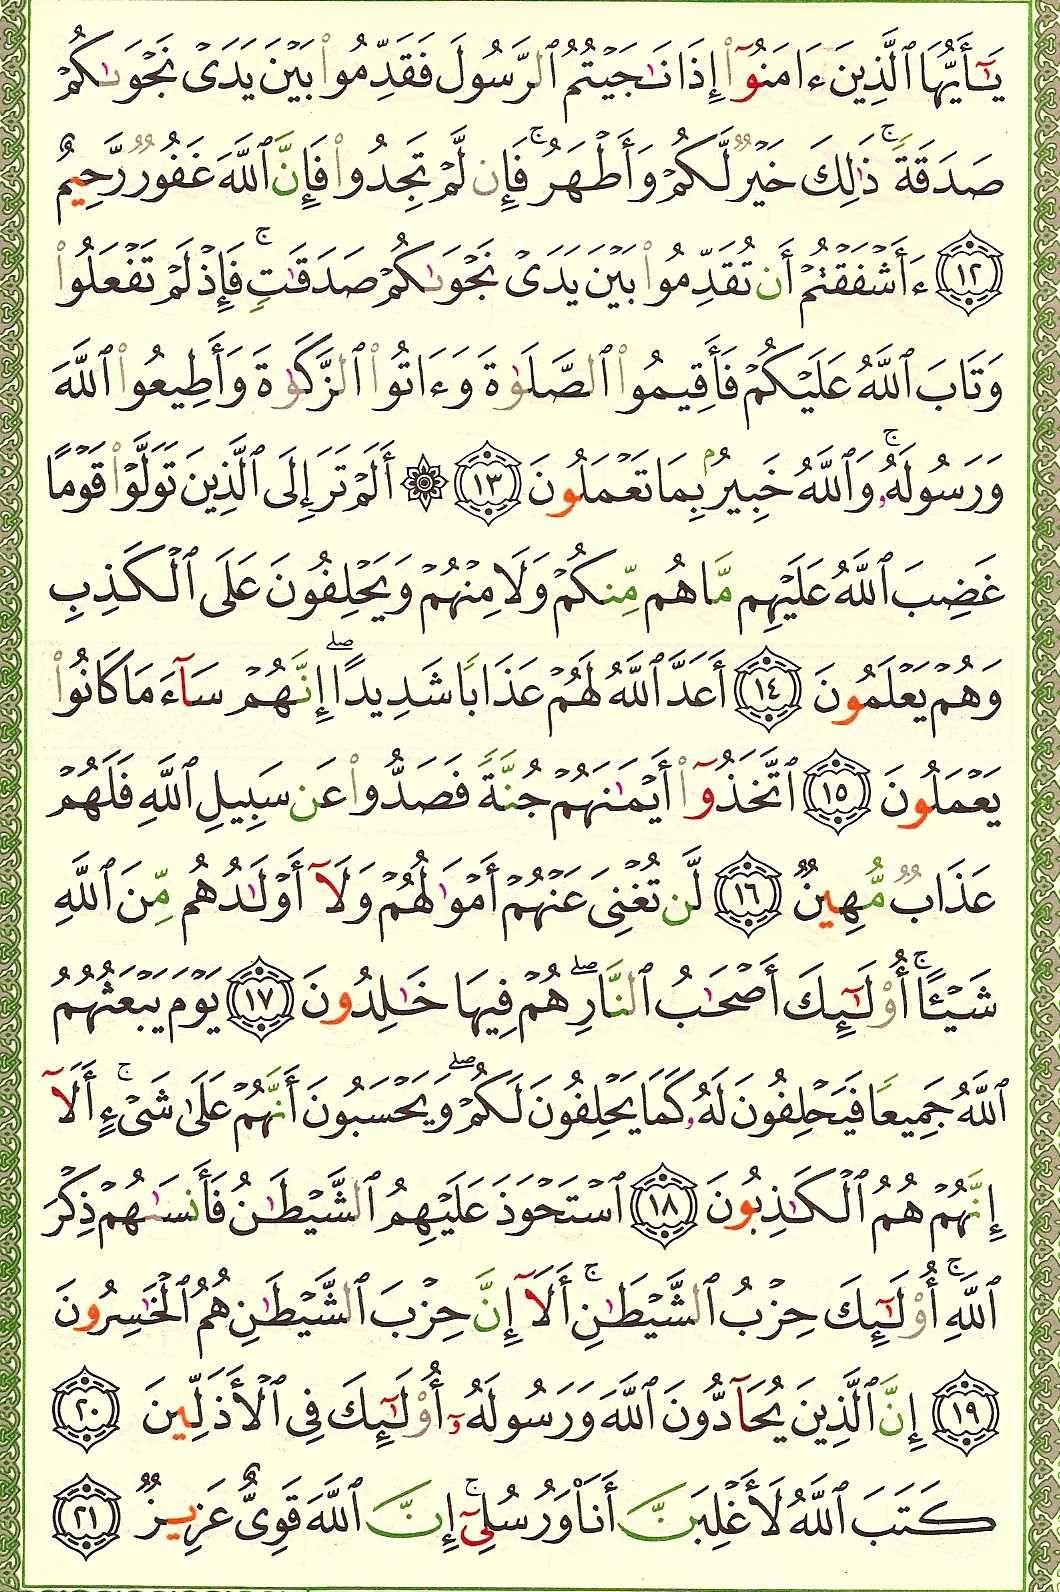 58. سورة المجادلة - Al-Mujadila مصورة من المصحف الشريف 544